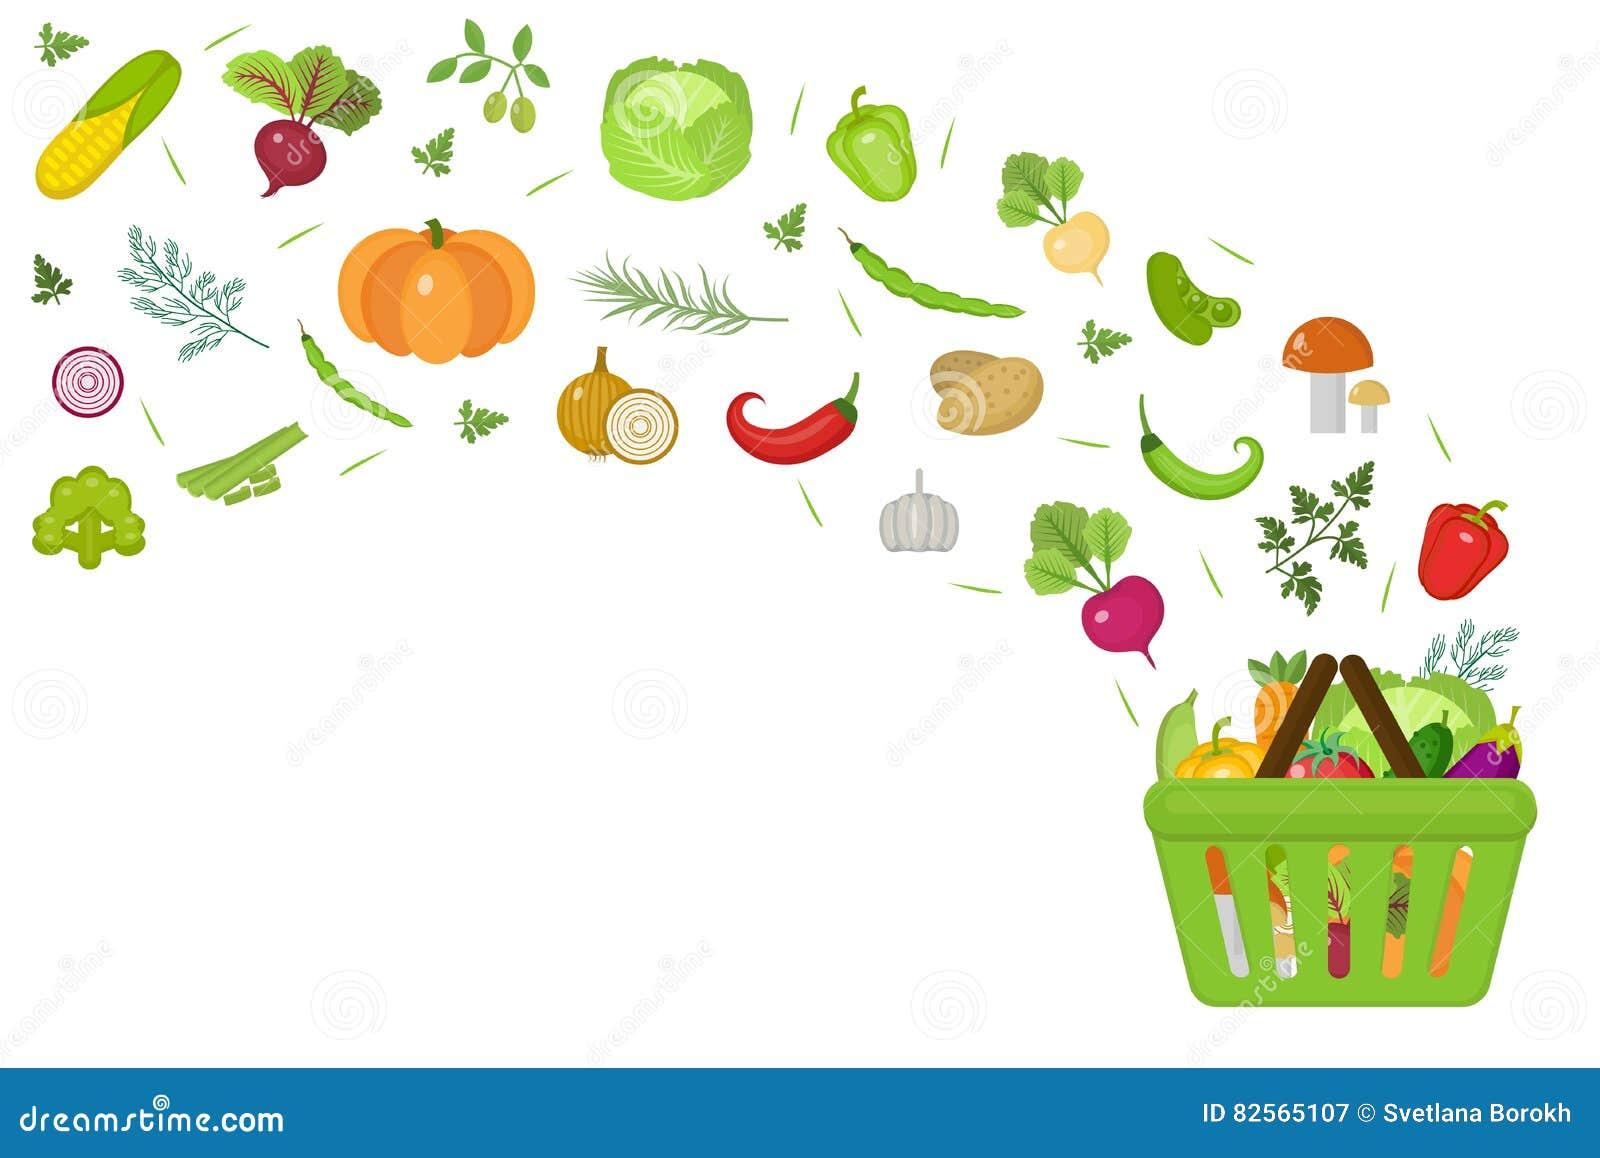 Shoppingkorg med nya grönsaker Plan design Banerutrymme för text som isoleras på vit bakgrund Sunt